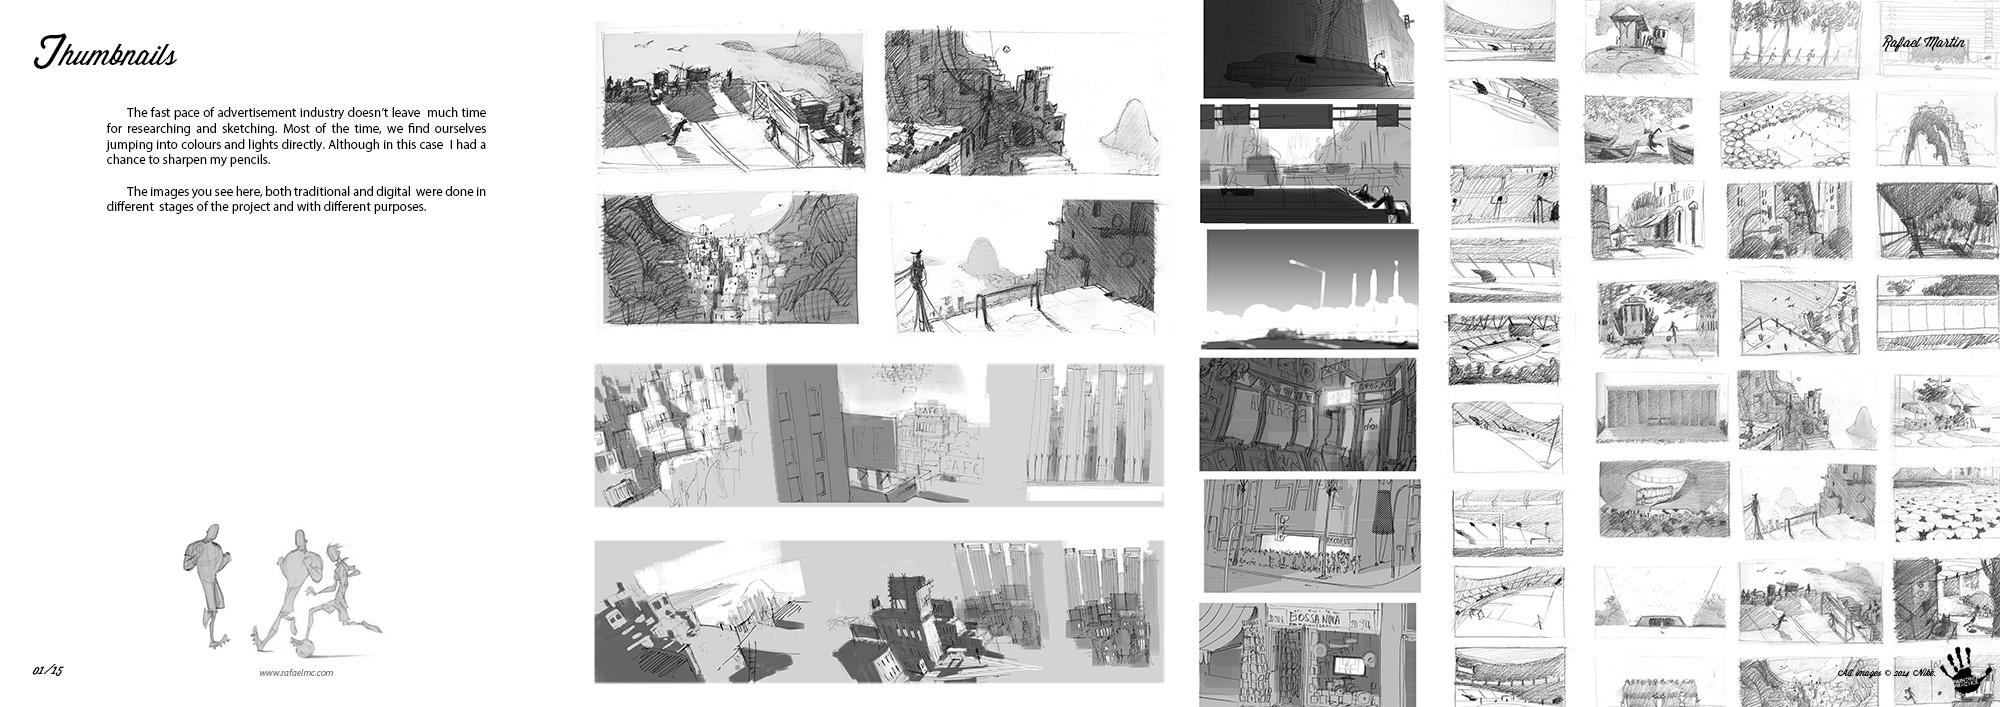 01_sketches copy.jpg